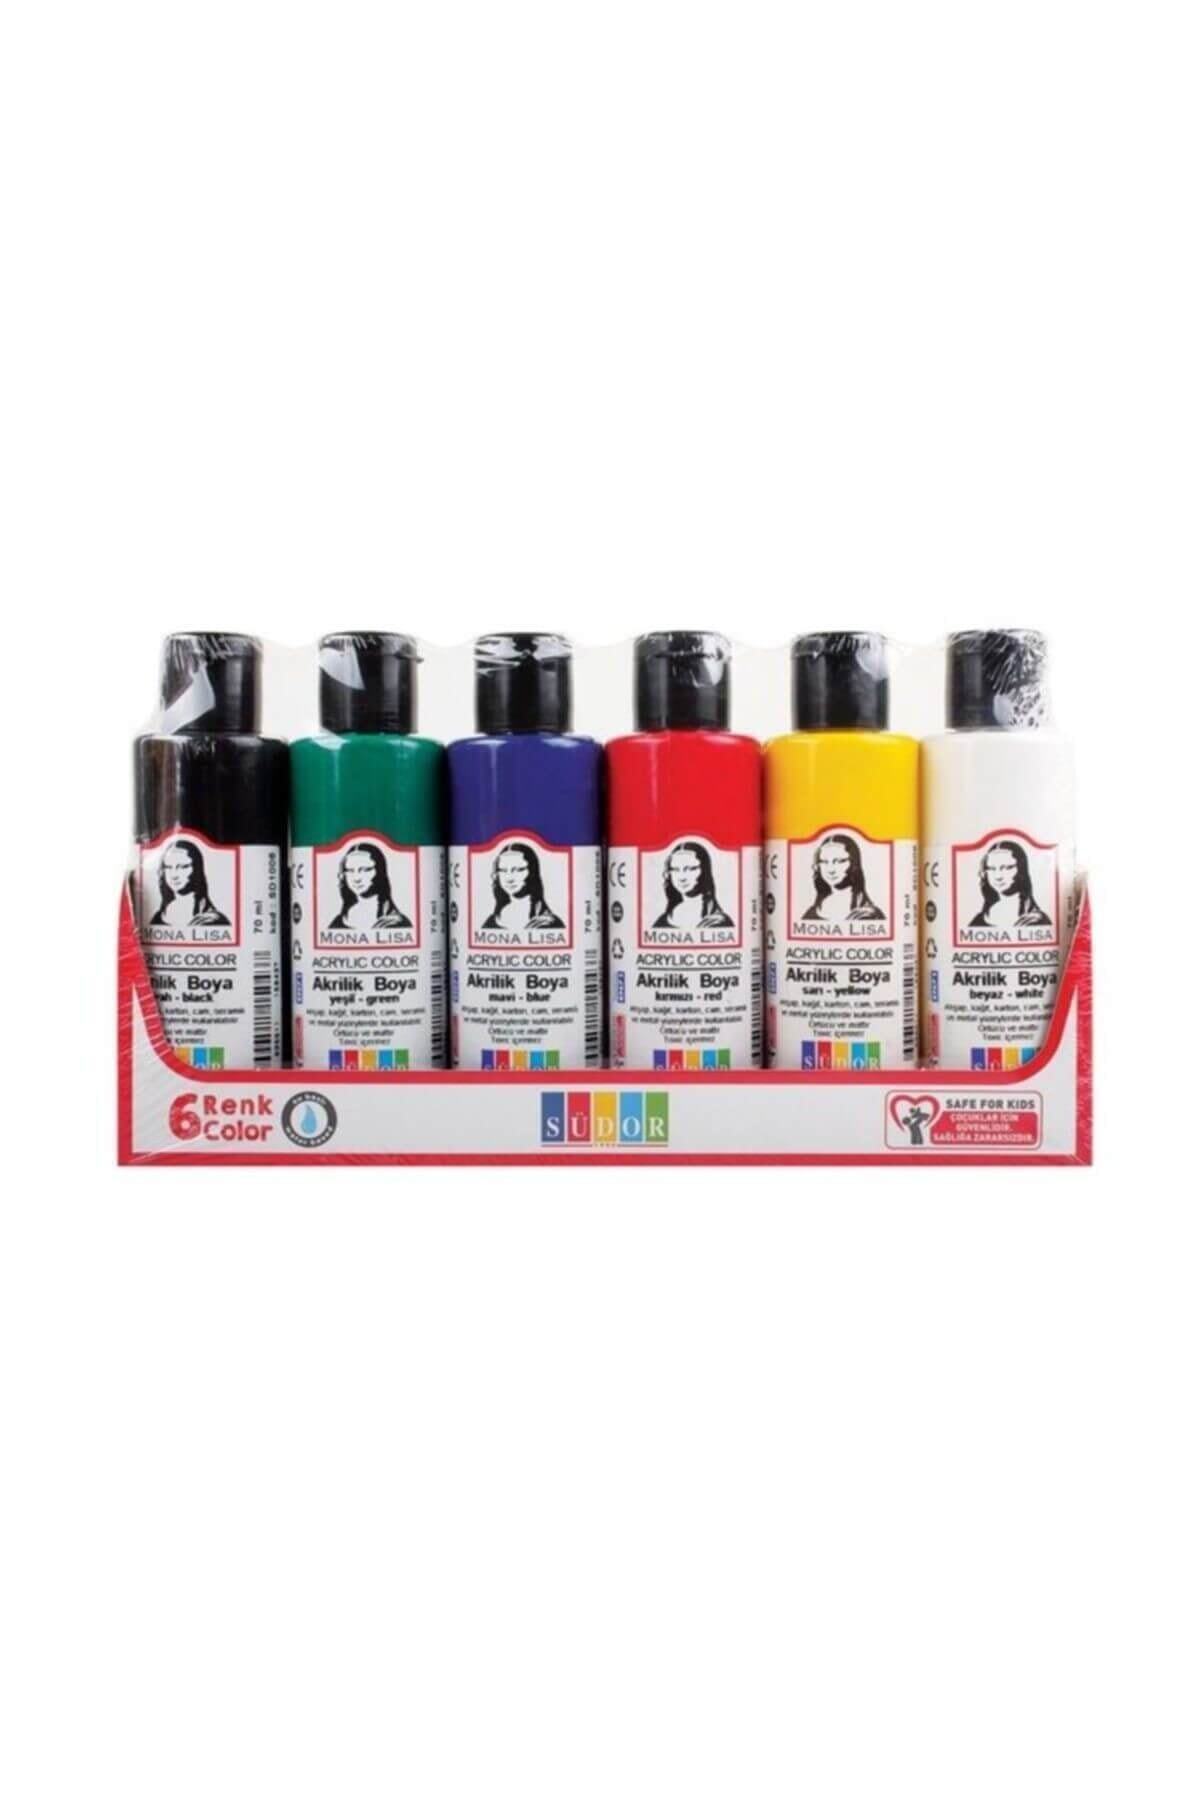 Südor Mona Lisa Akrilik Boya 6 Renk X 70 Ml Şişe 2